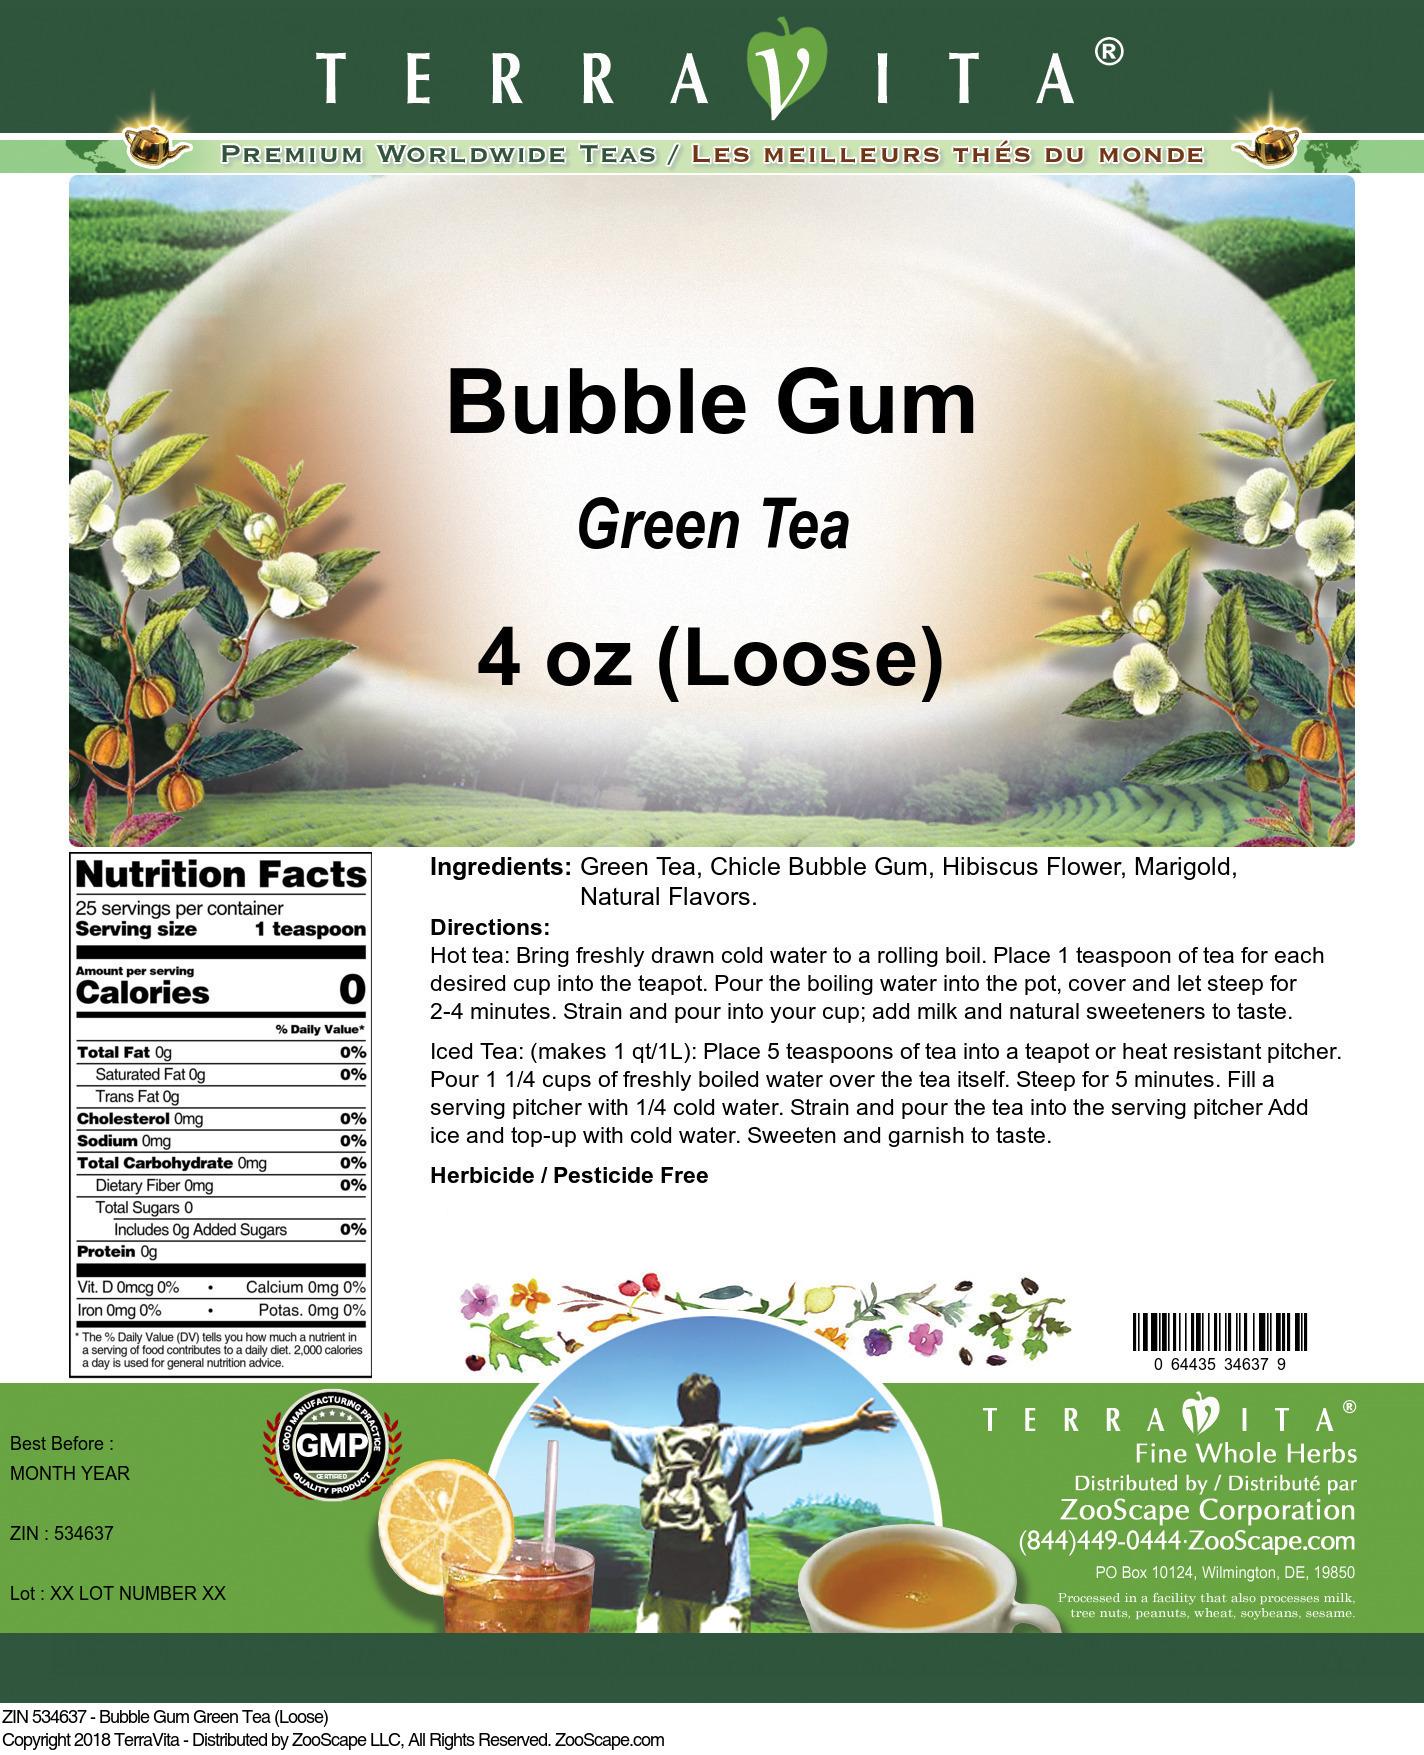 Bubble Gum Green Tea